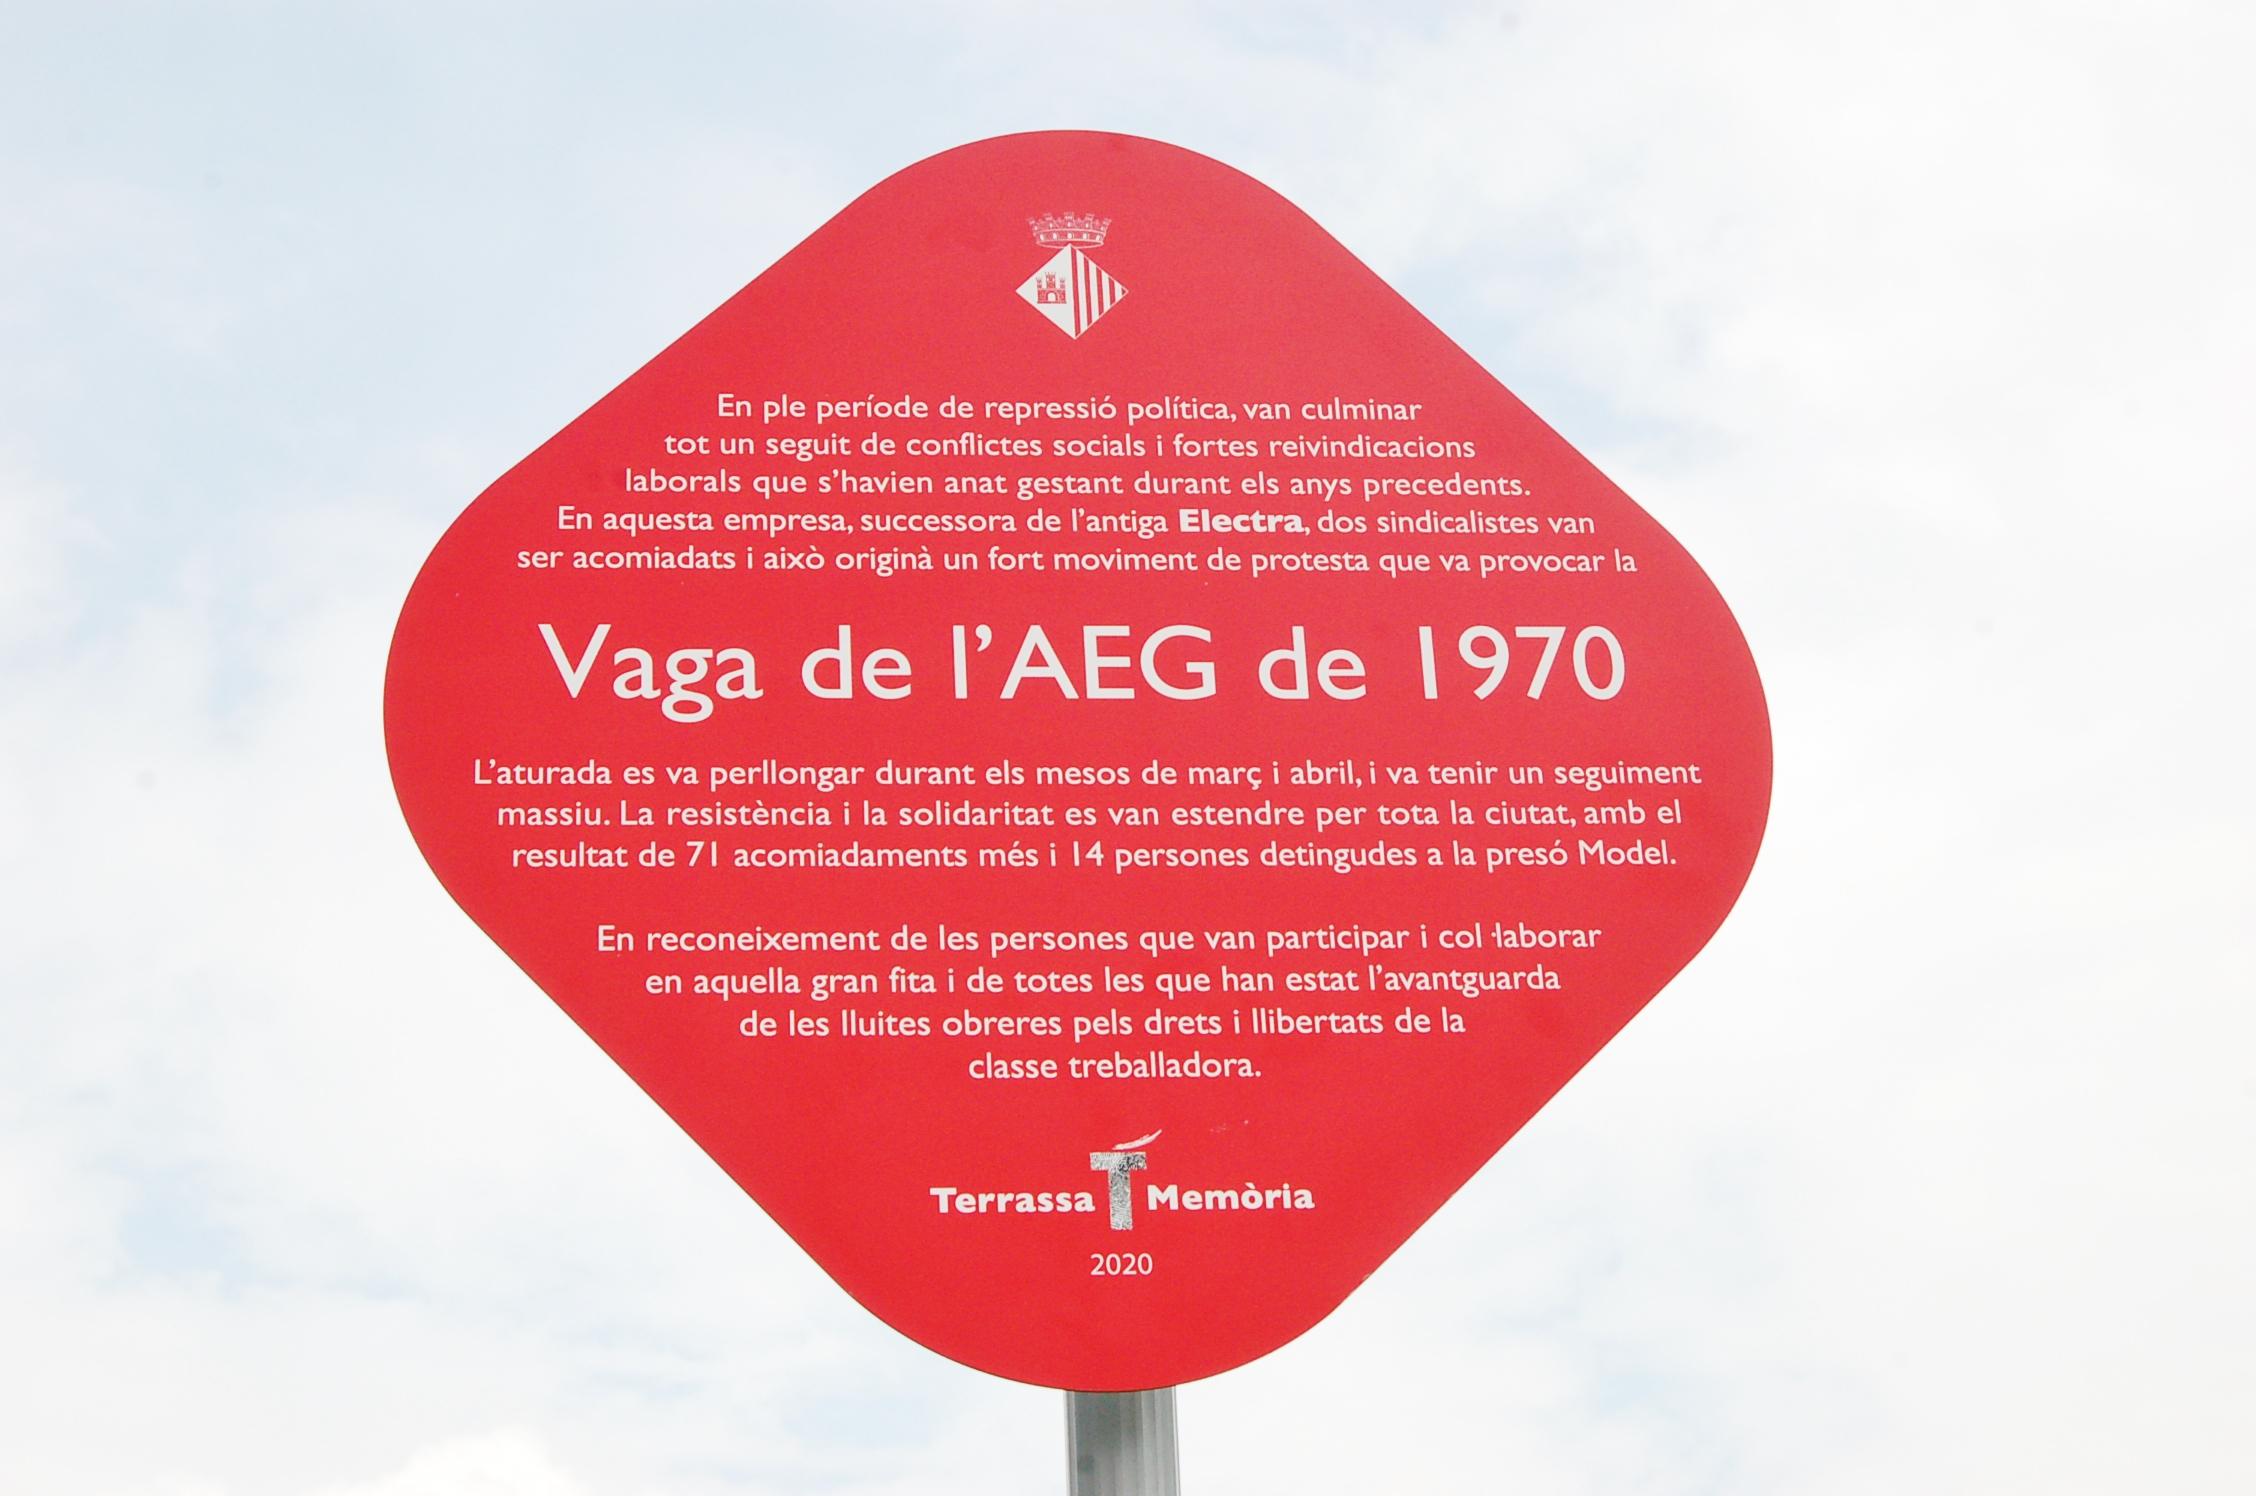 Acte de commemoració del 50è aniversari de la vaga de l'AEG | Ramon Navarro